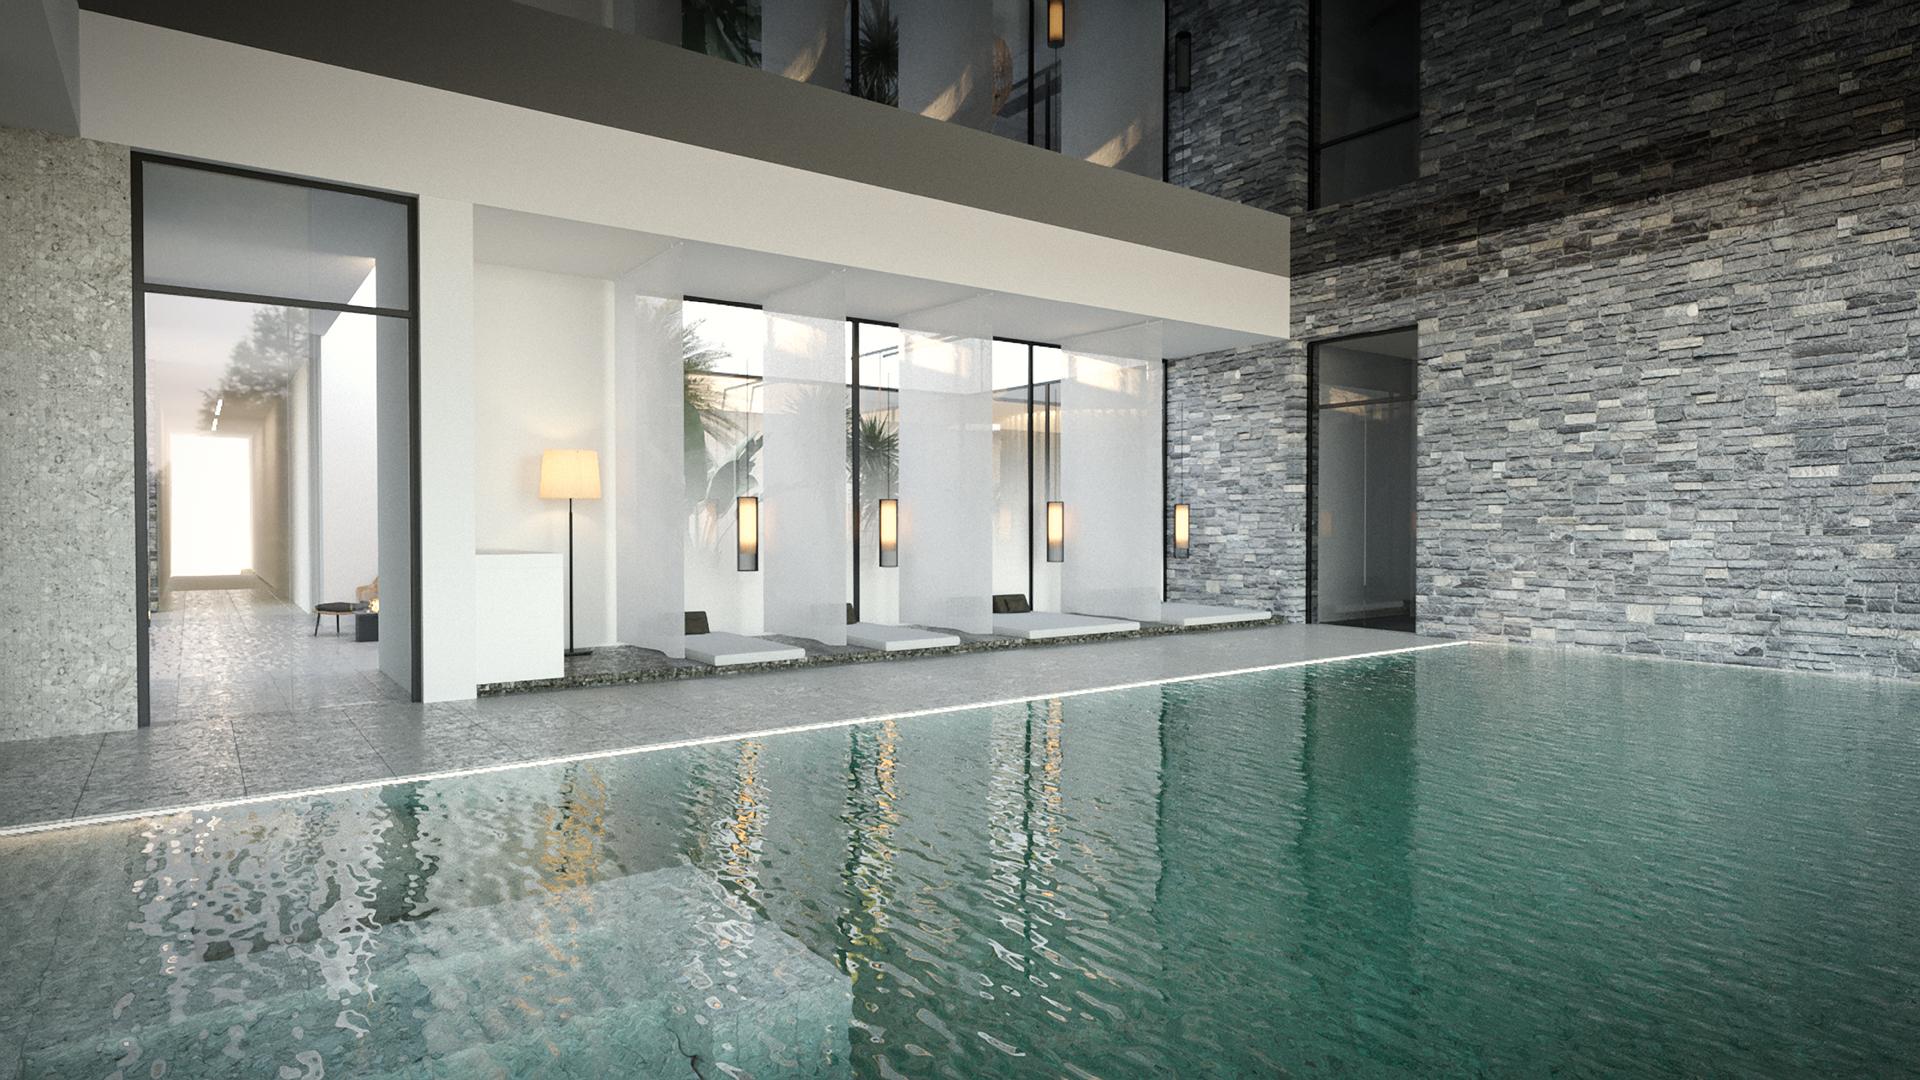 Σχεδιασμός εσωτερικού χώρου Spa Center σε ξενοδοχείο στην Κω